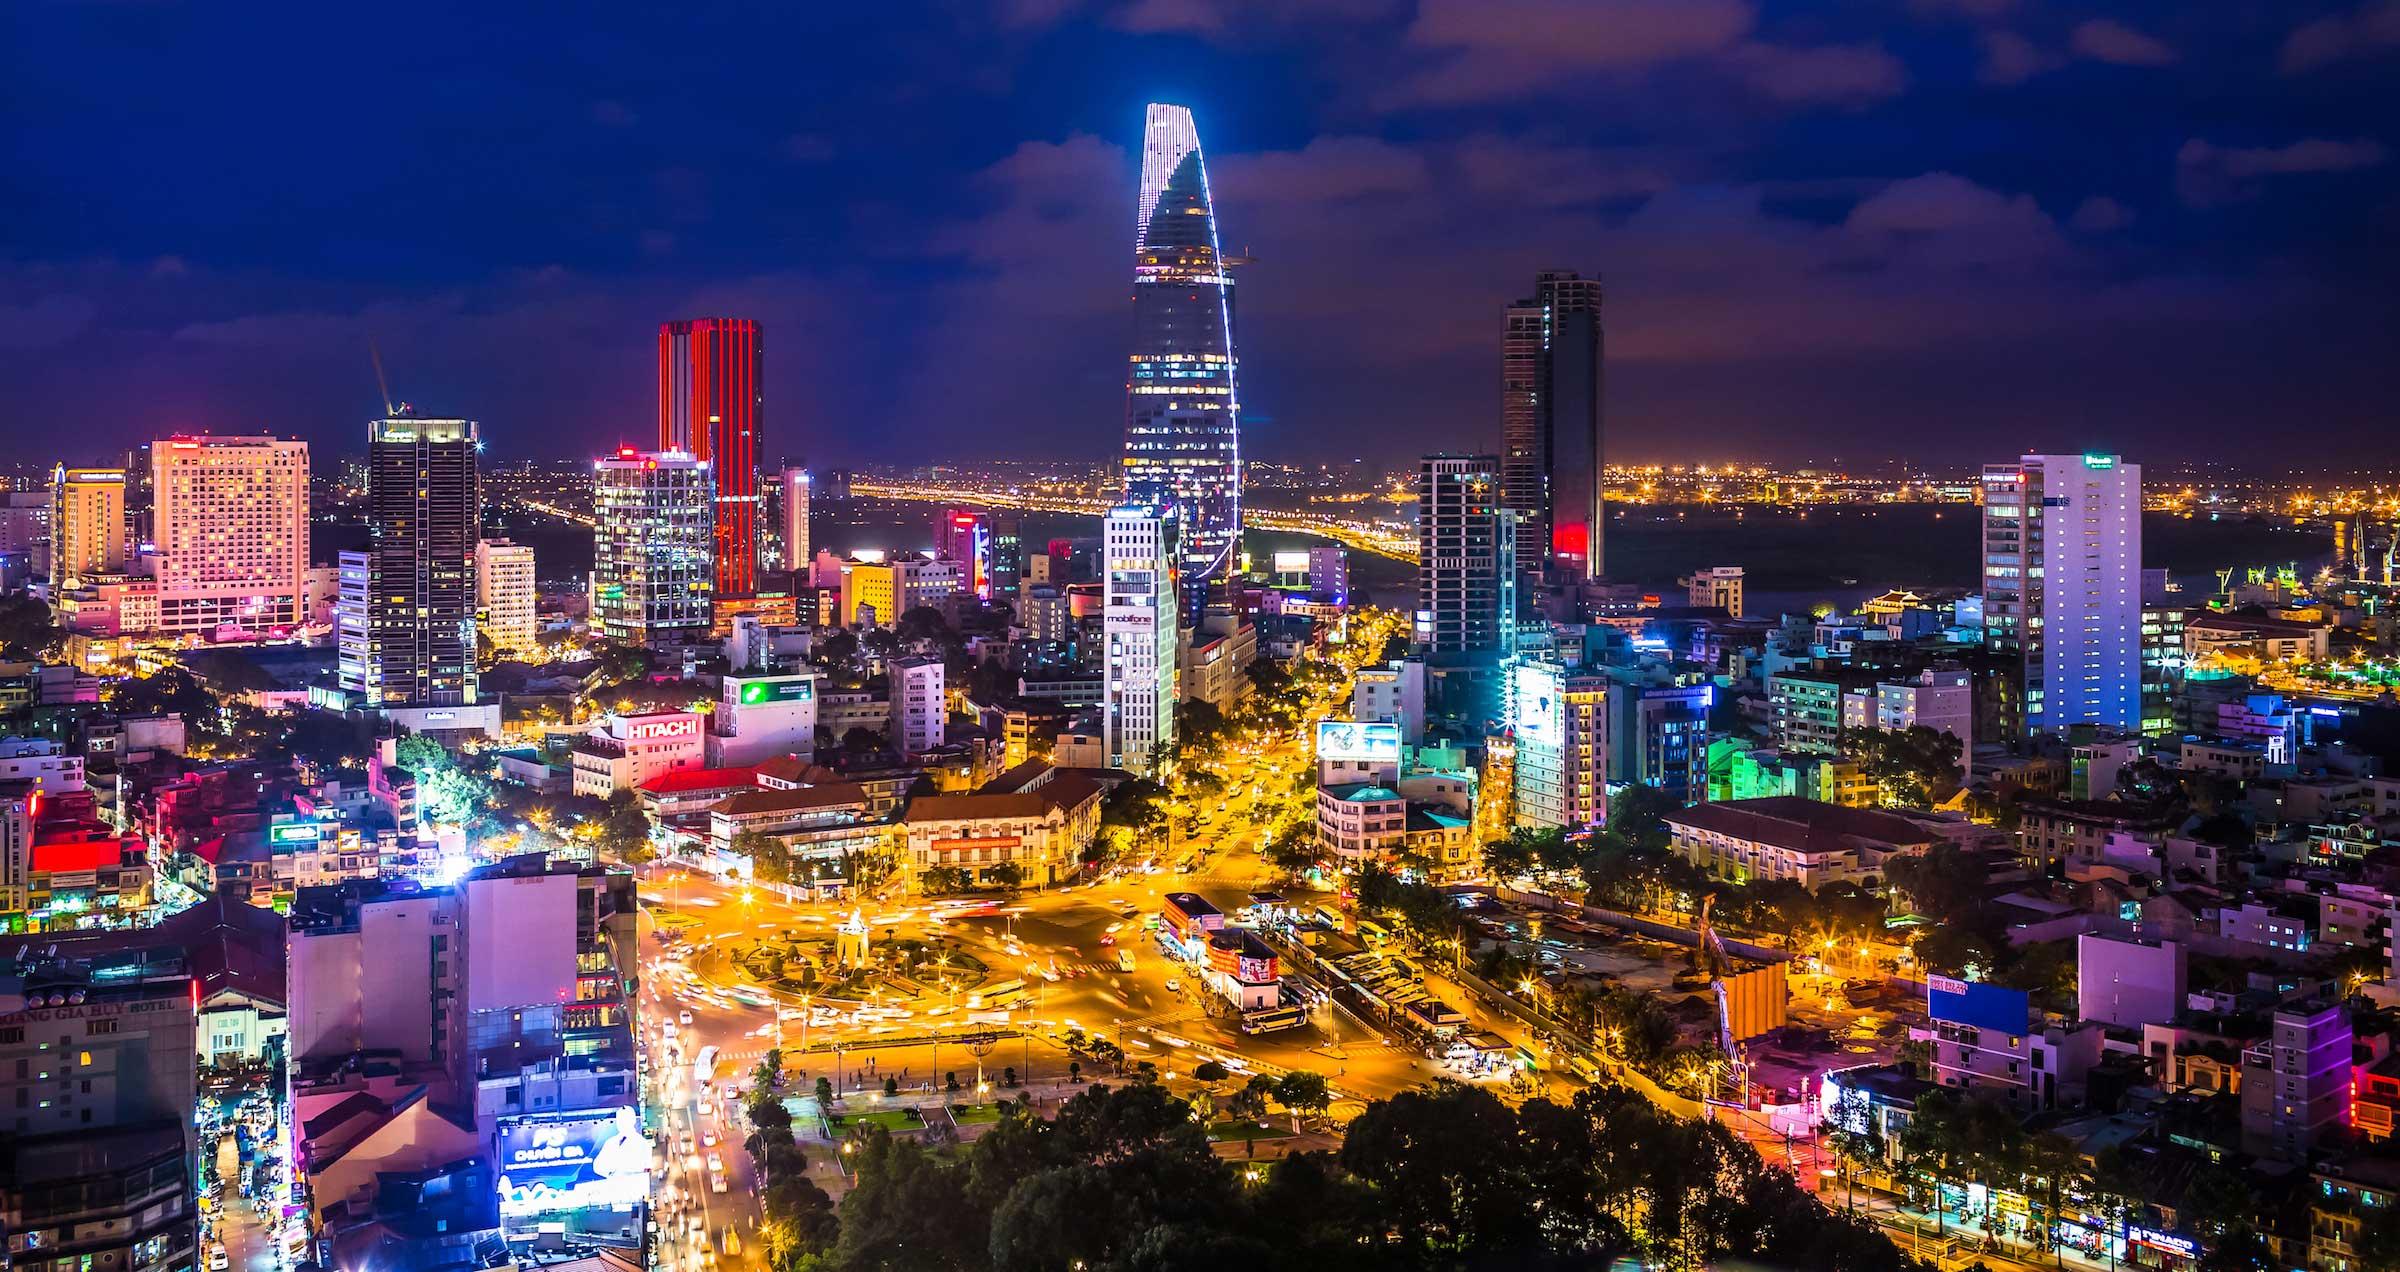 Kỷ nguyên hiện đại hóa của các thương hiệu Việt.